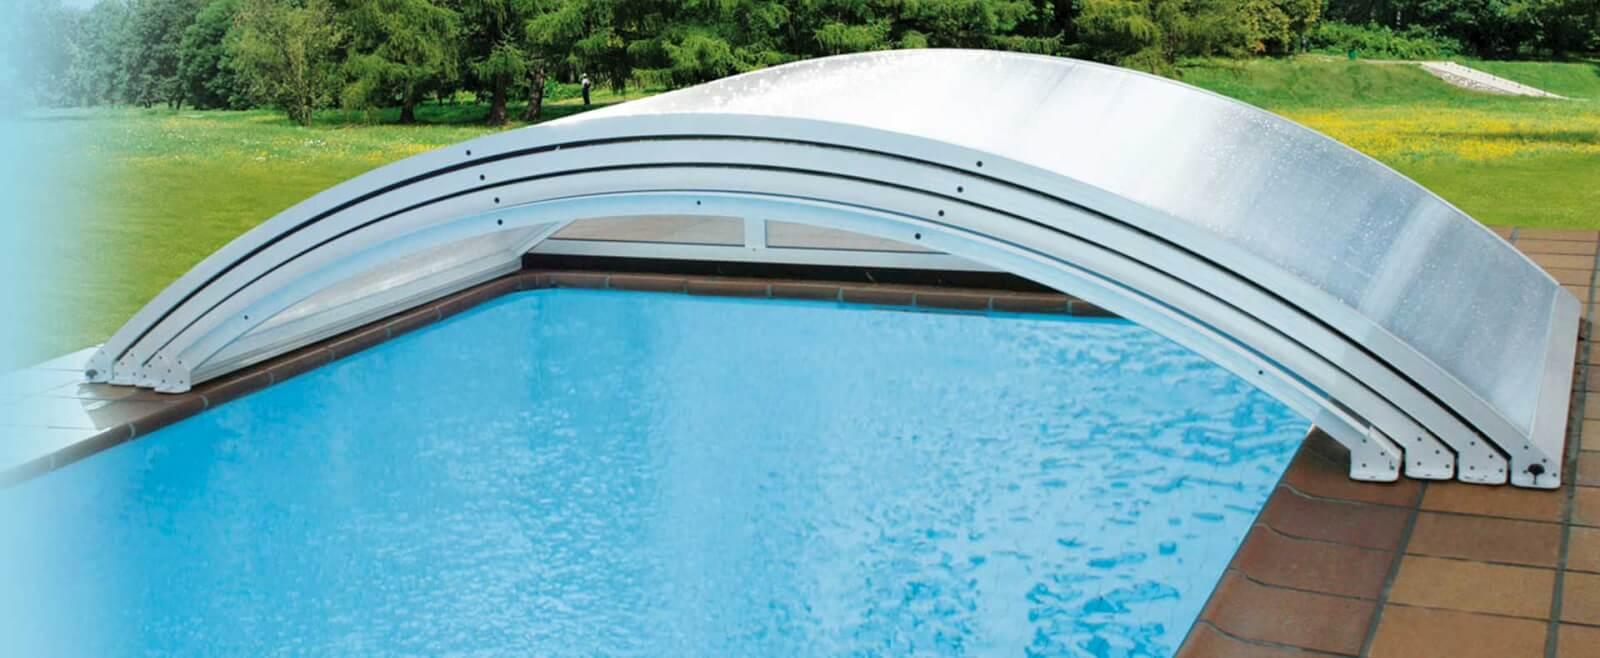 cubierta-piscina-teide-7